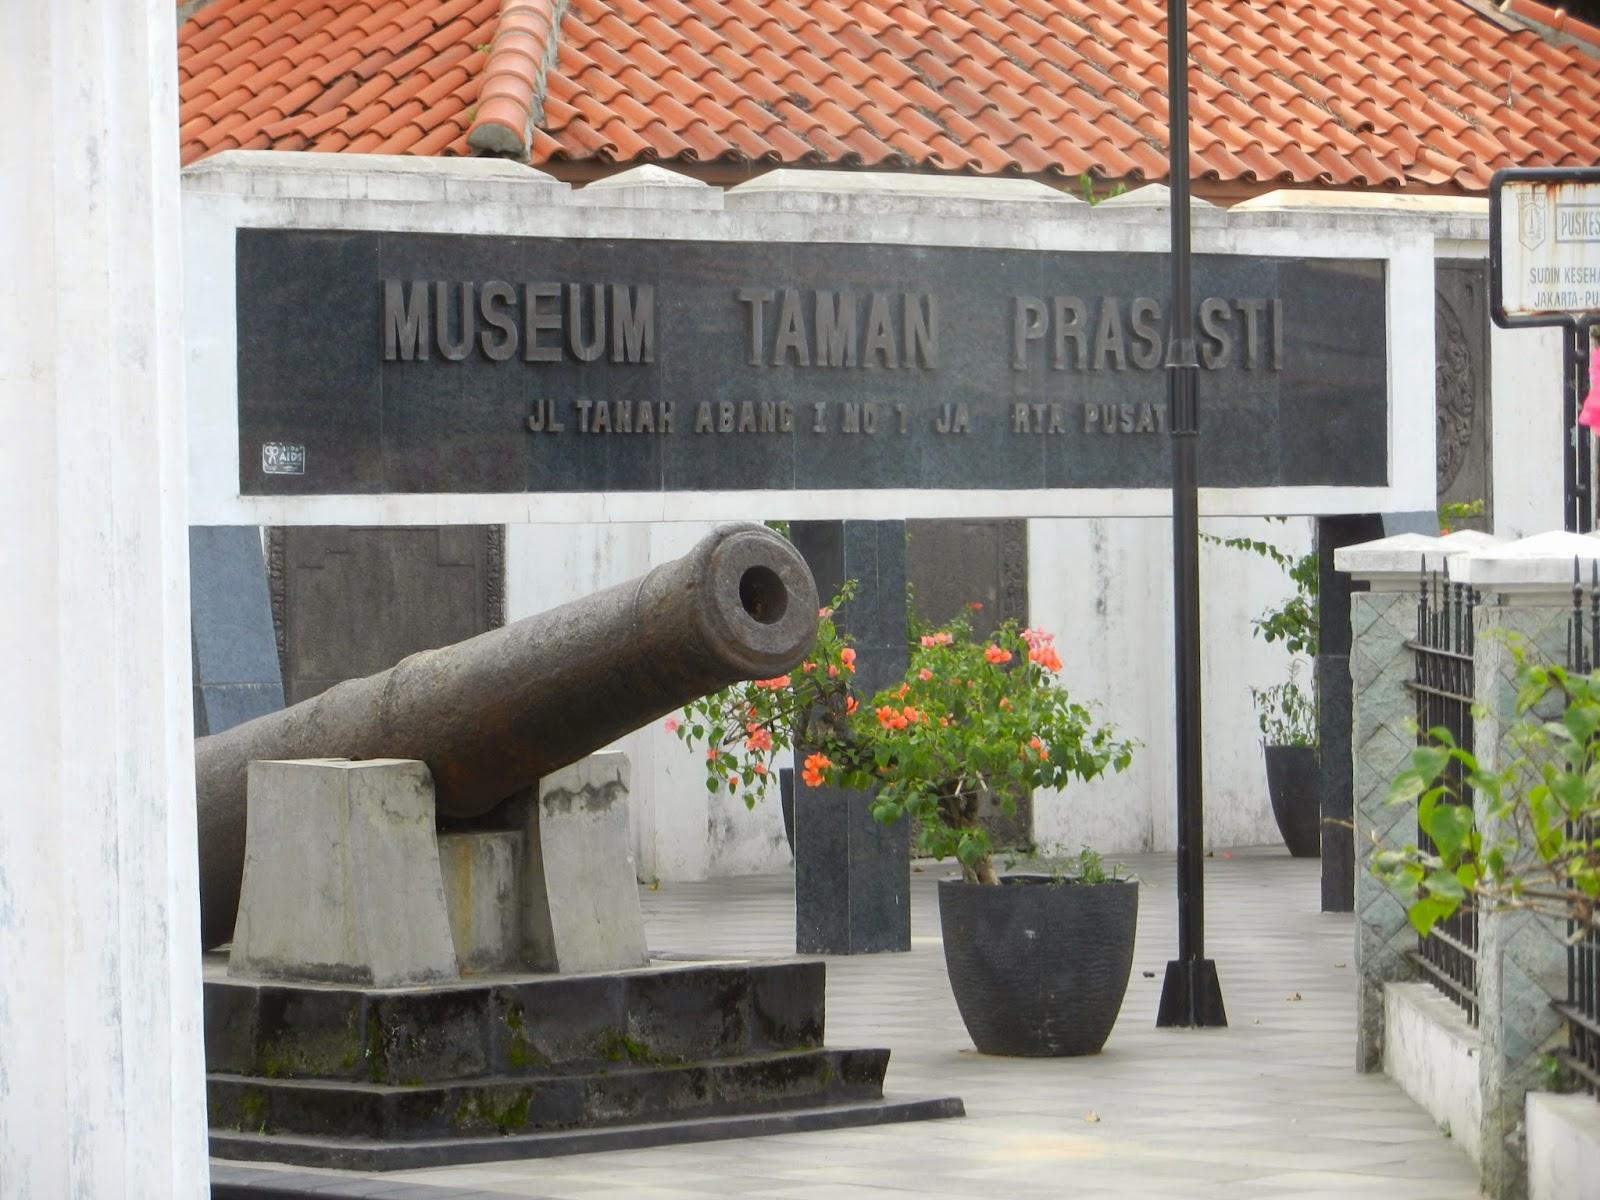 Kemana Kaki Melangkah Spot Foto Tersembunyi Museum Taman Prasasti Kota